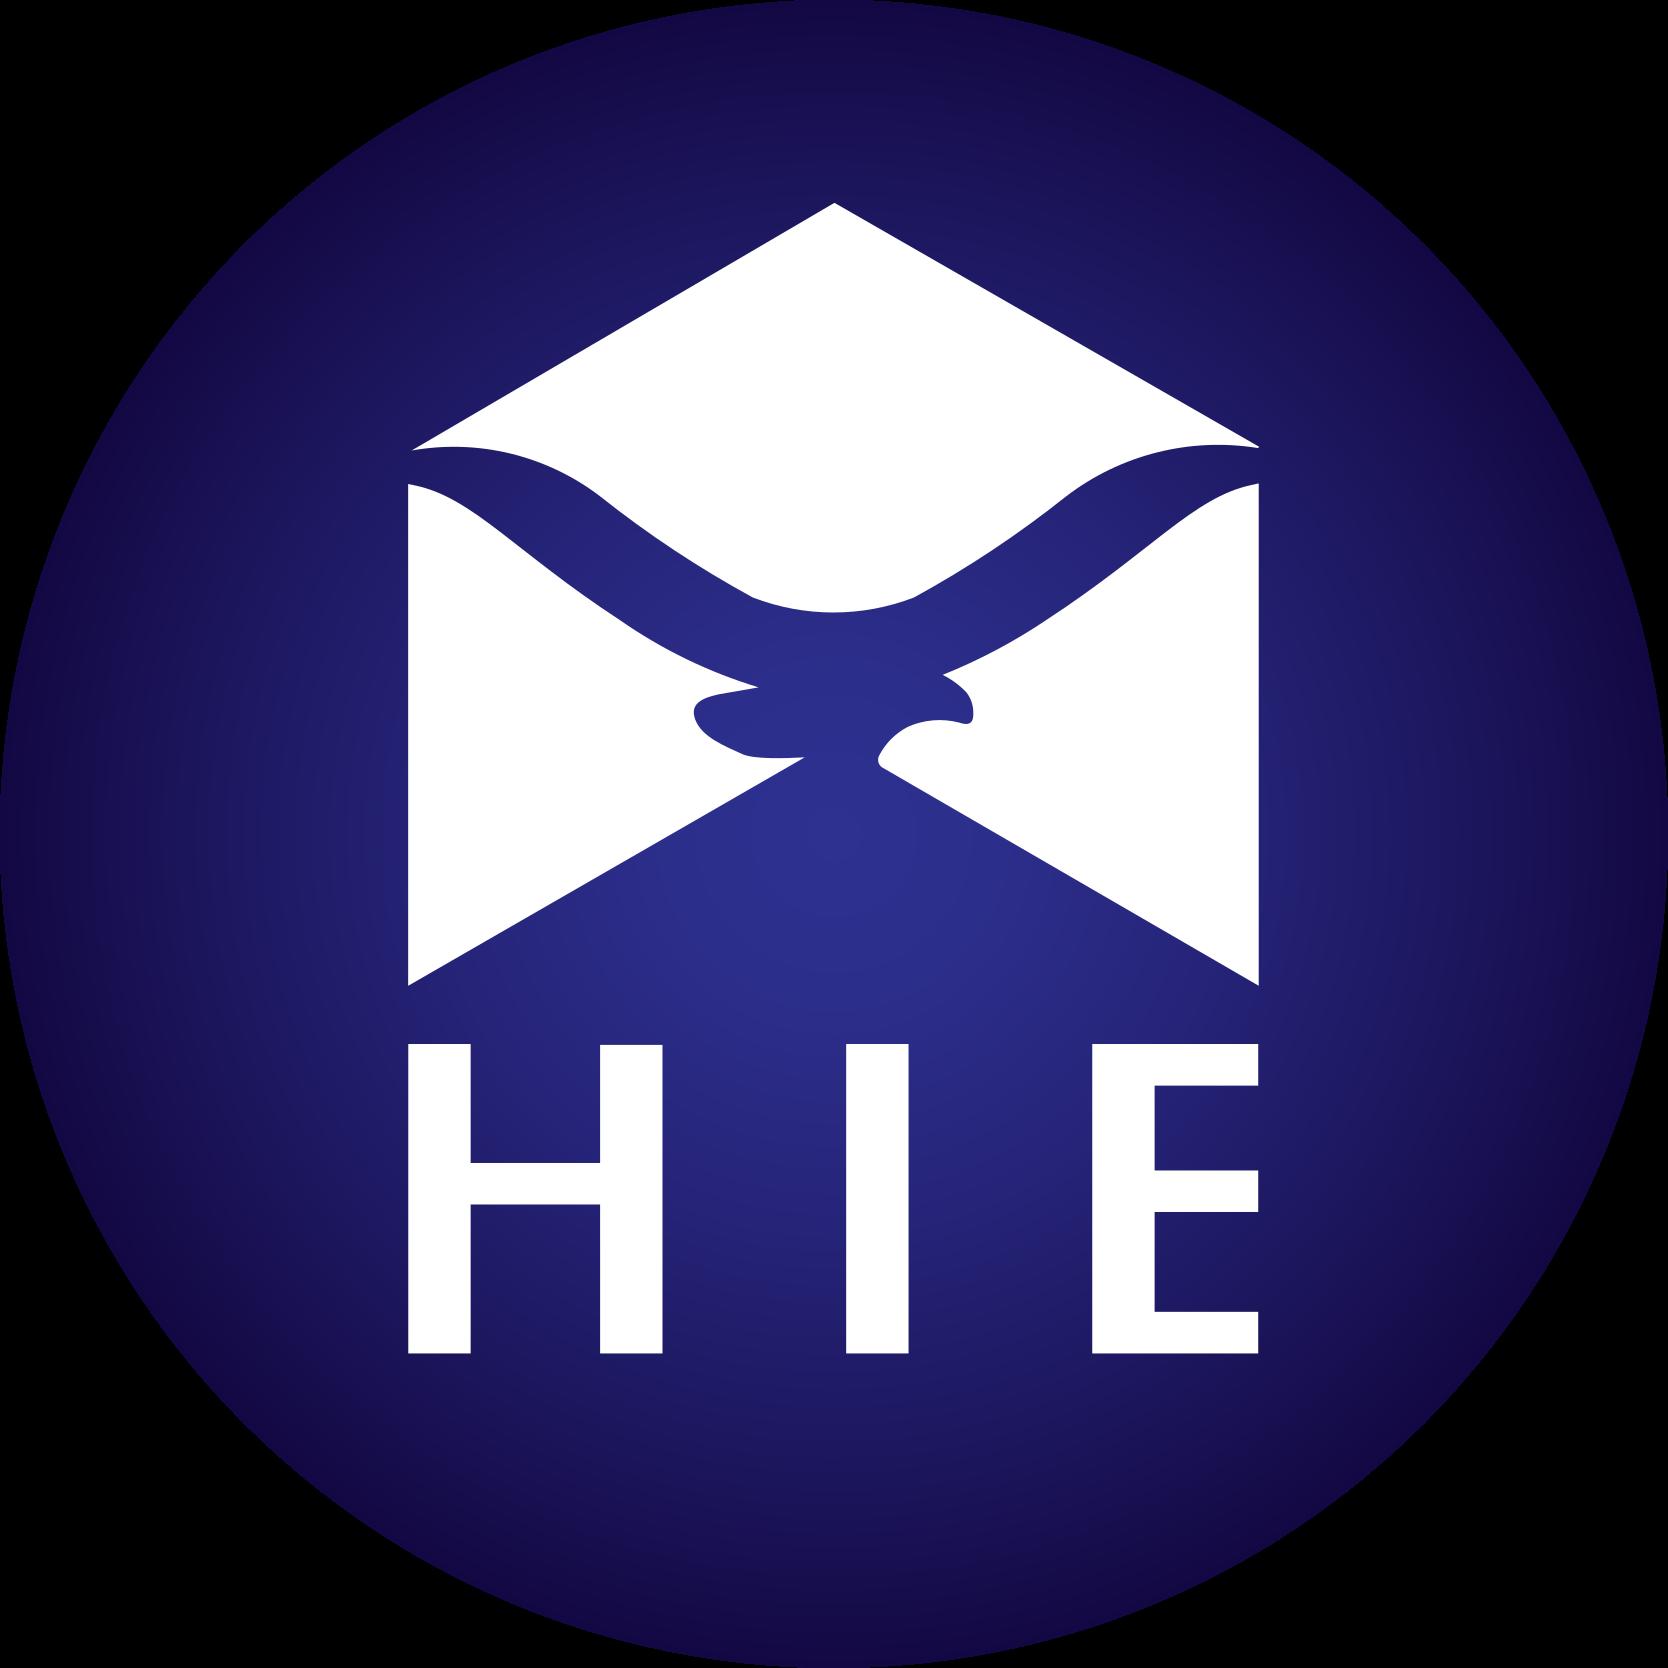 Highlands & Islands Enterprise - Logo